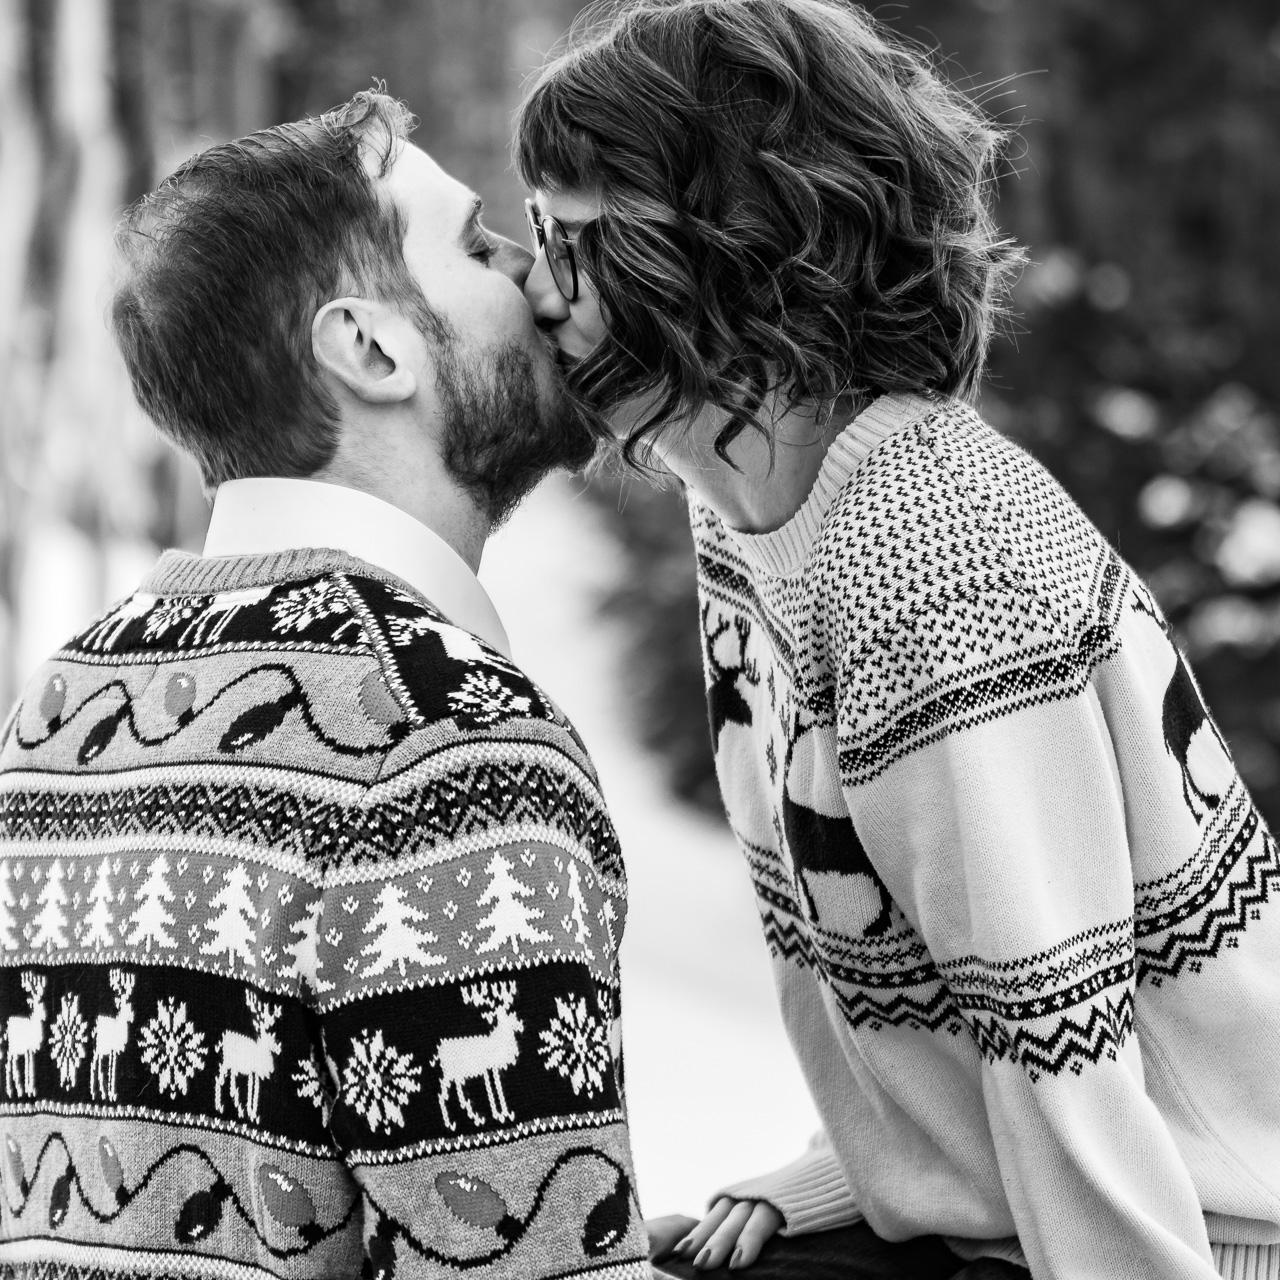 South Carolina couples portraits engagement photographer mouse island creatives wedding photography studio senior photos headshots black white